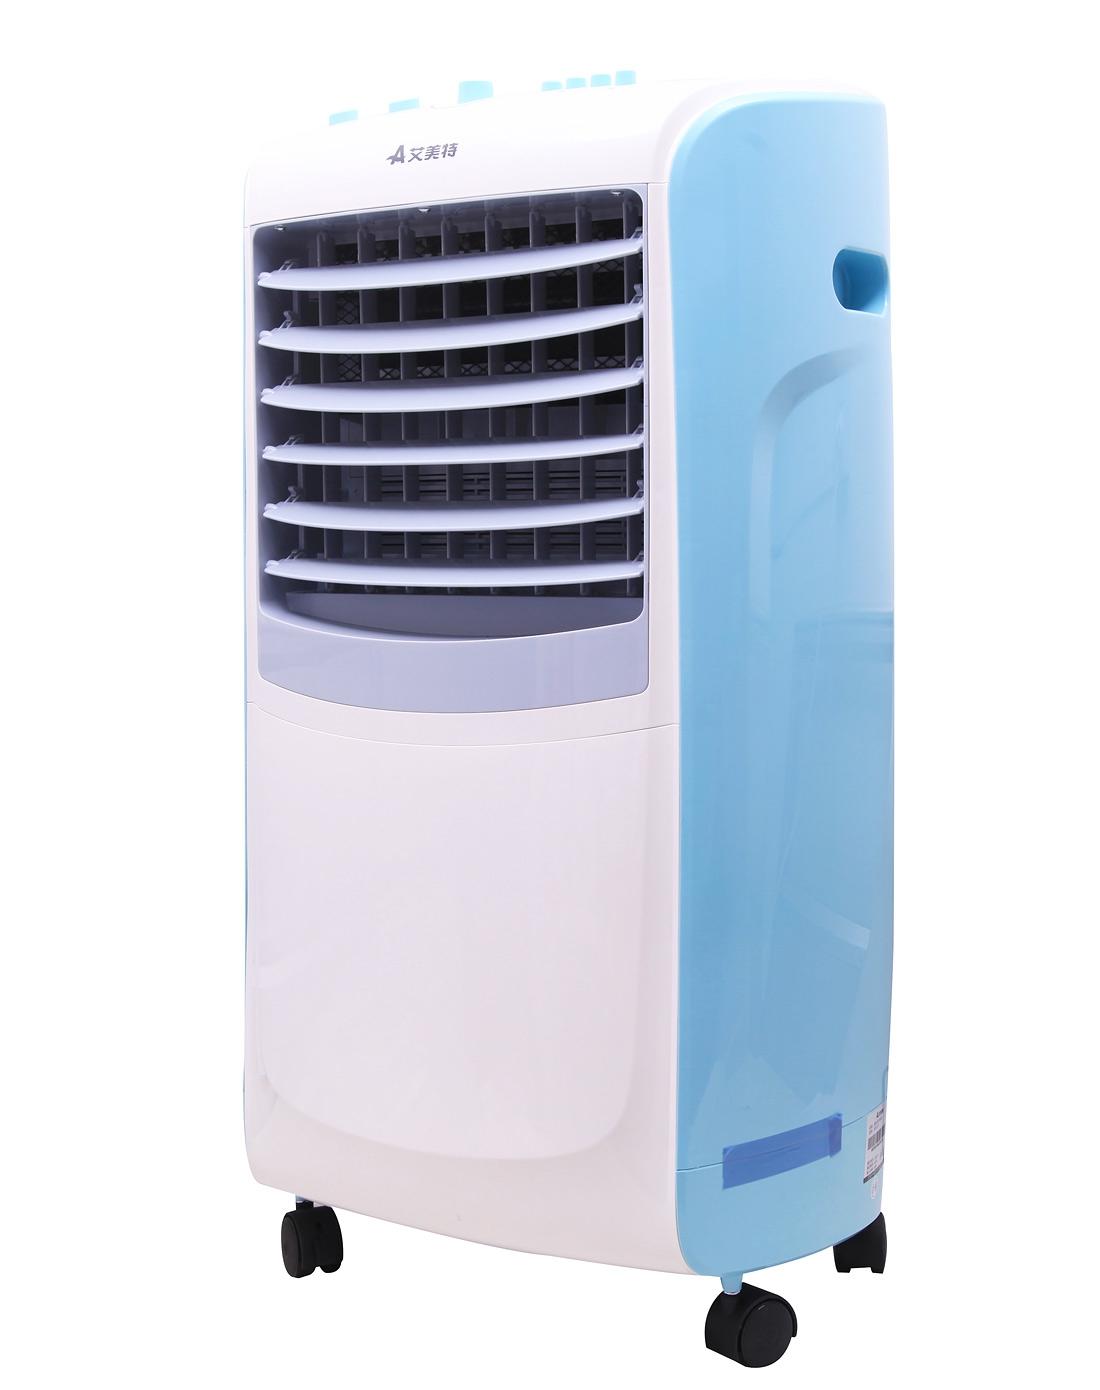 艾美特airmate电器艾美特蒸发式冷风扇cf617t